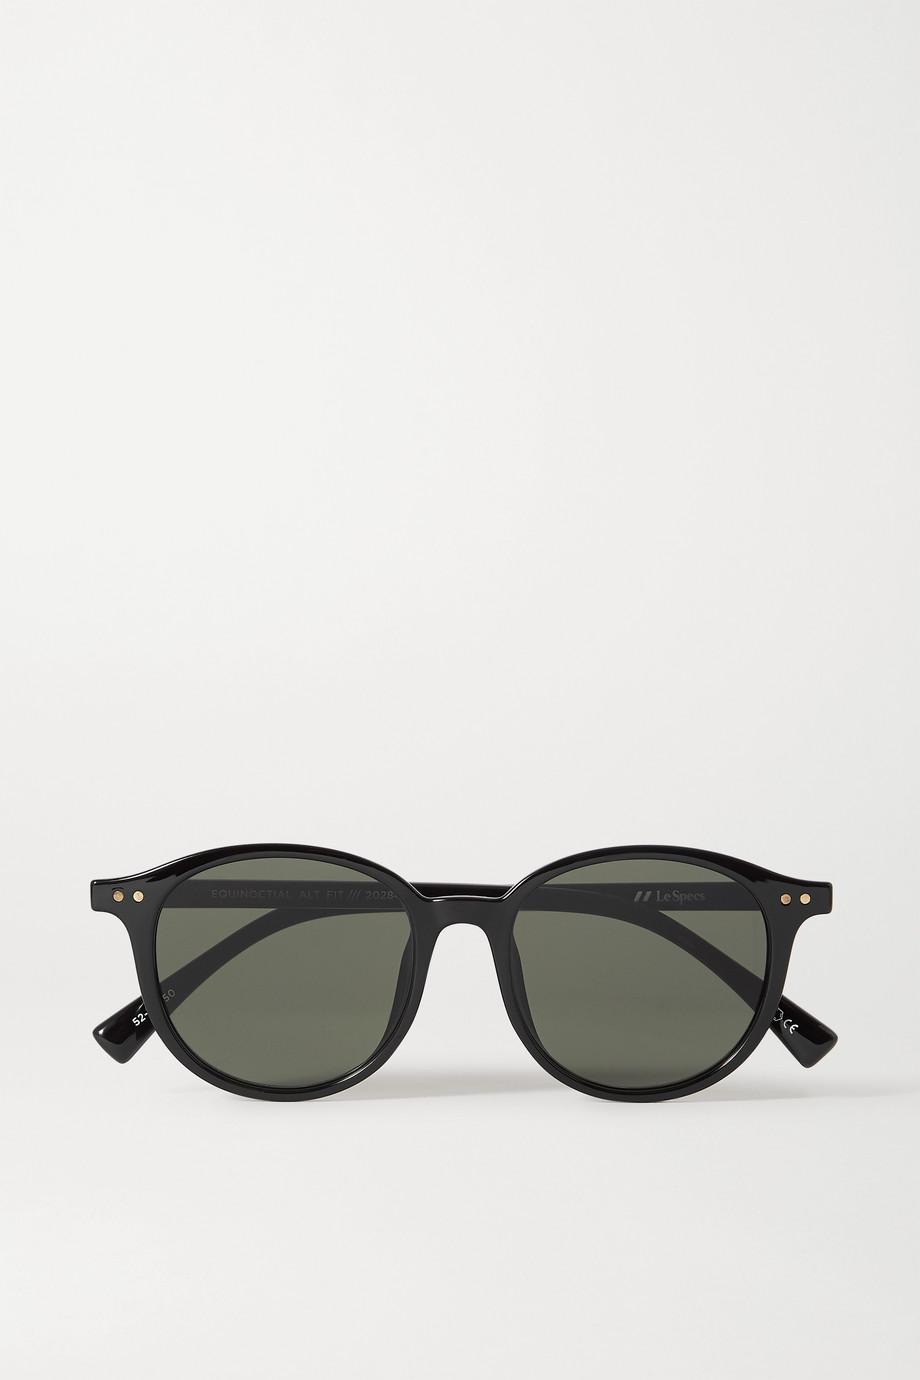 Le Specs Equinoctial round-frame acetate sunglasses